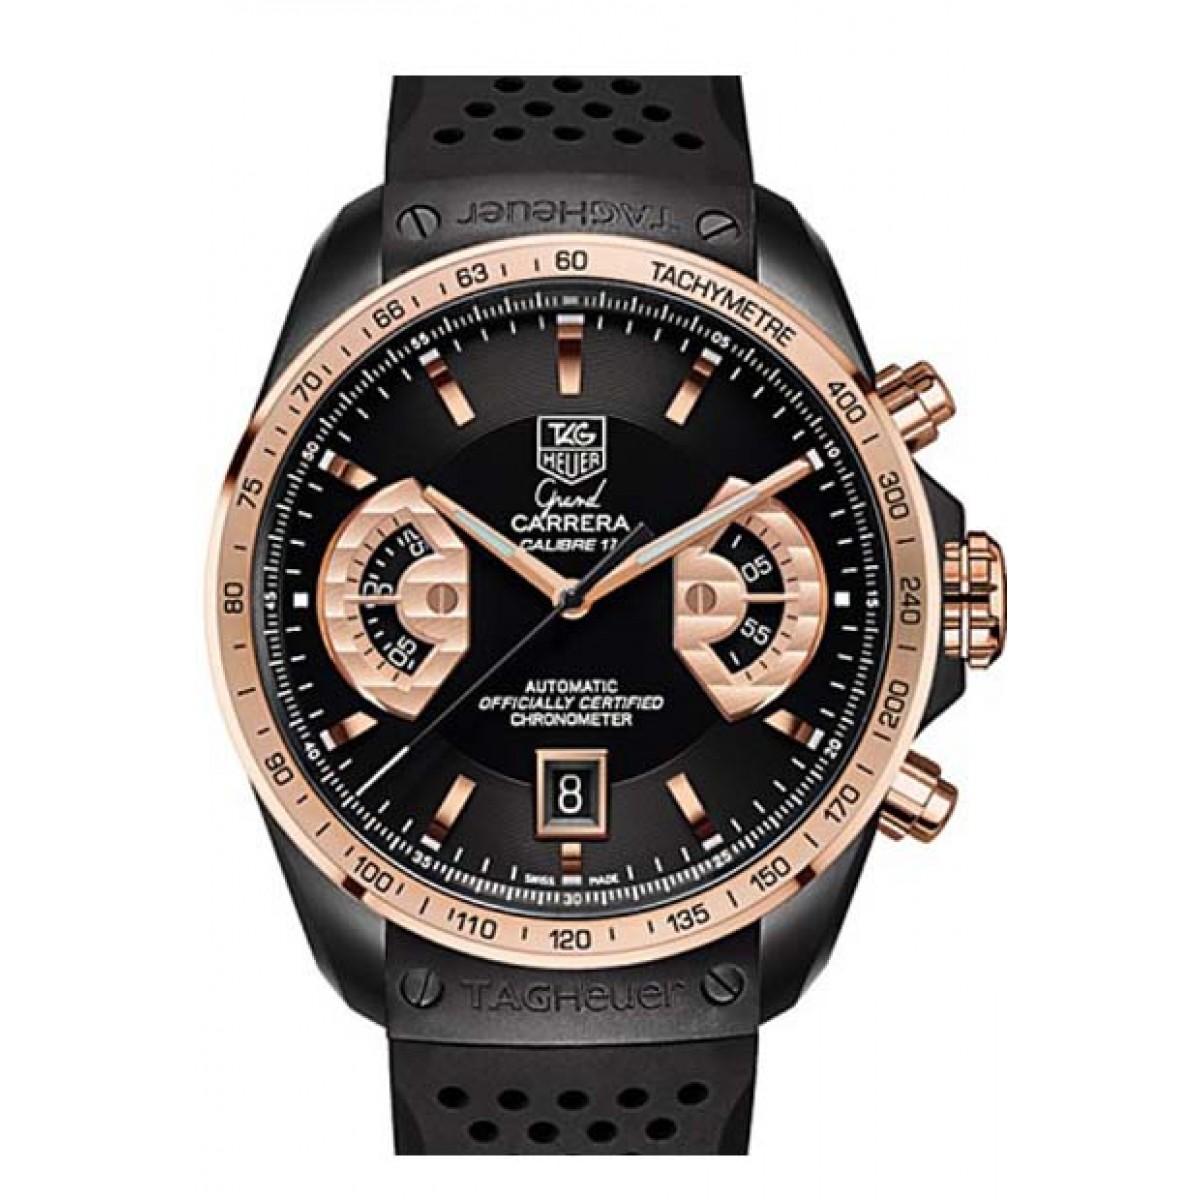 b3601c92090 Relógio Réplica Tag Heuer Grand Carrera Calibre 17